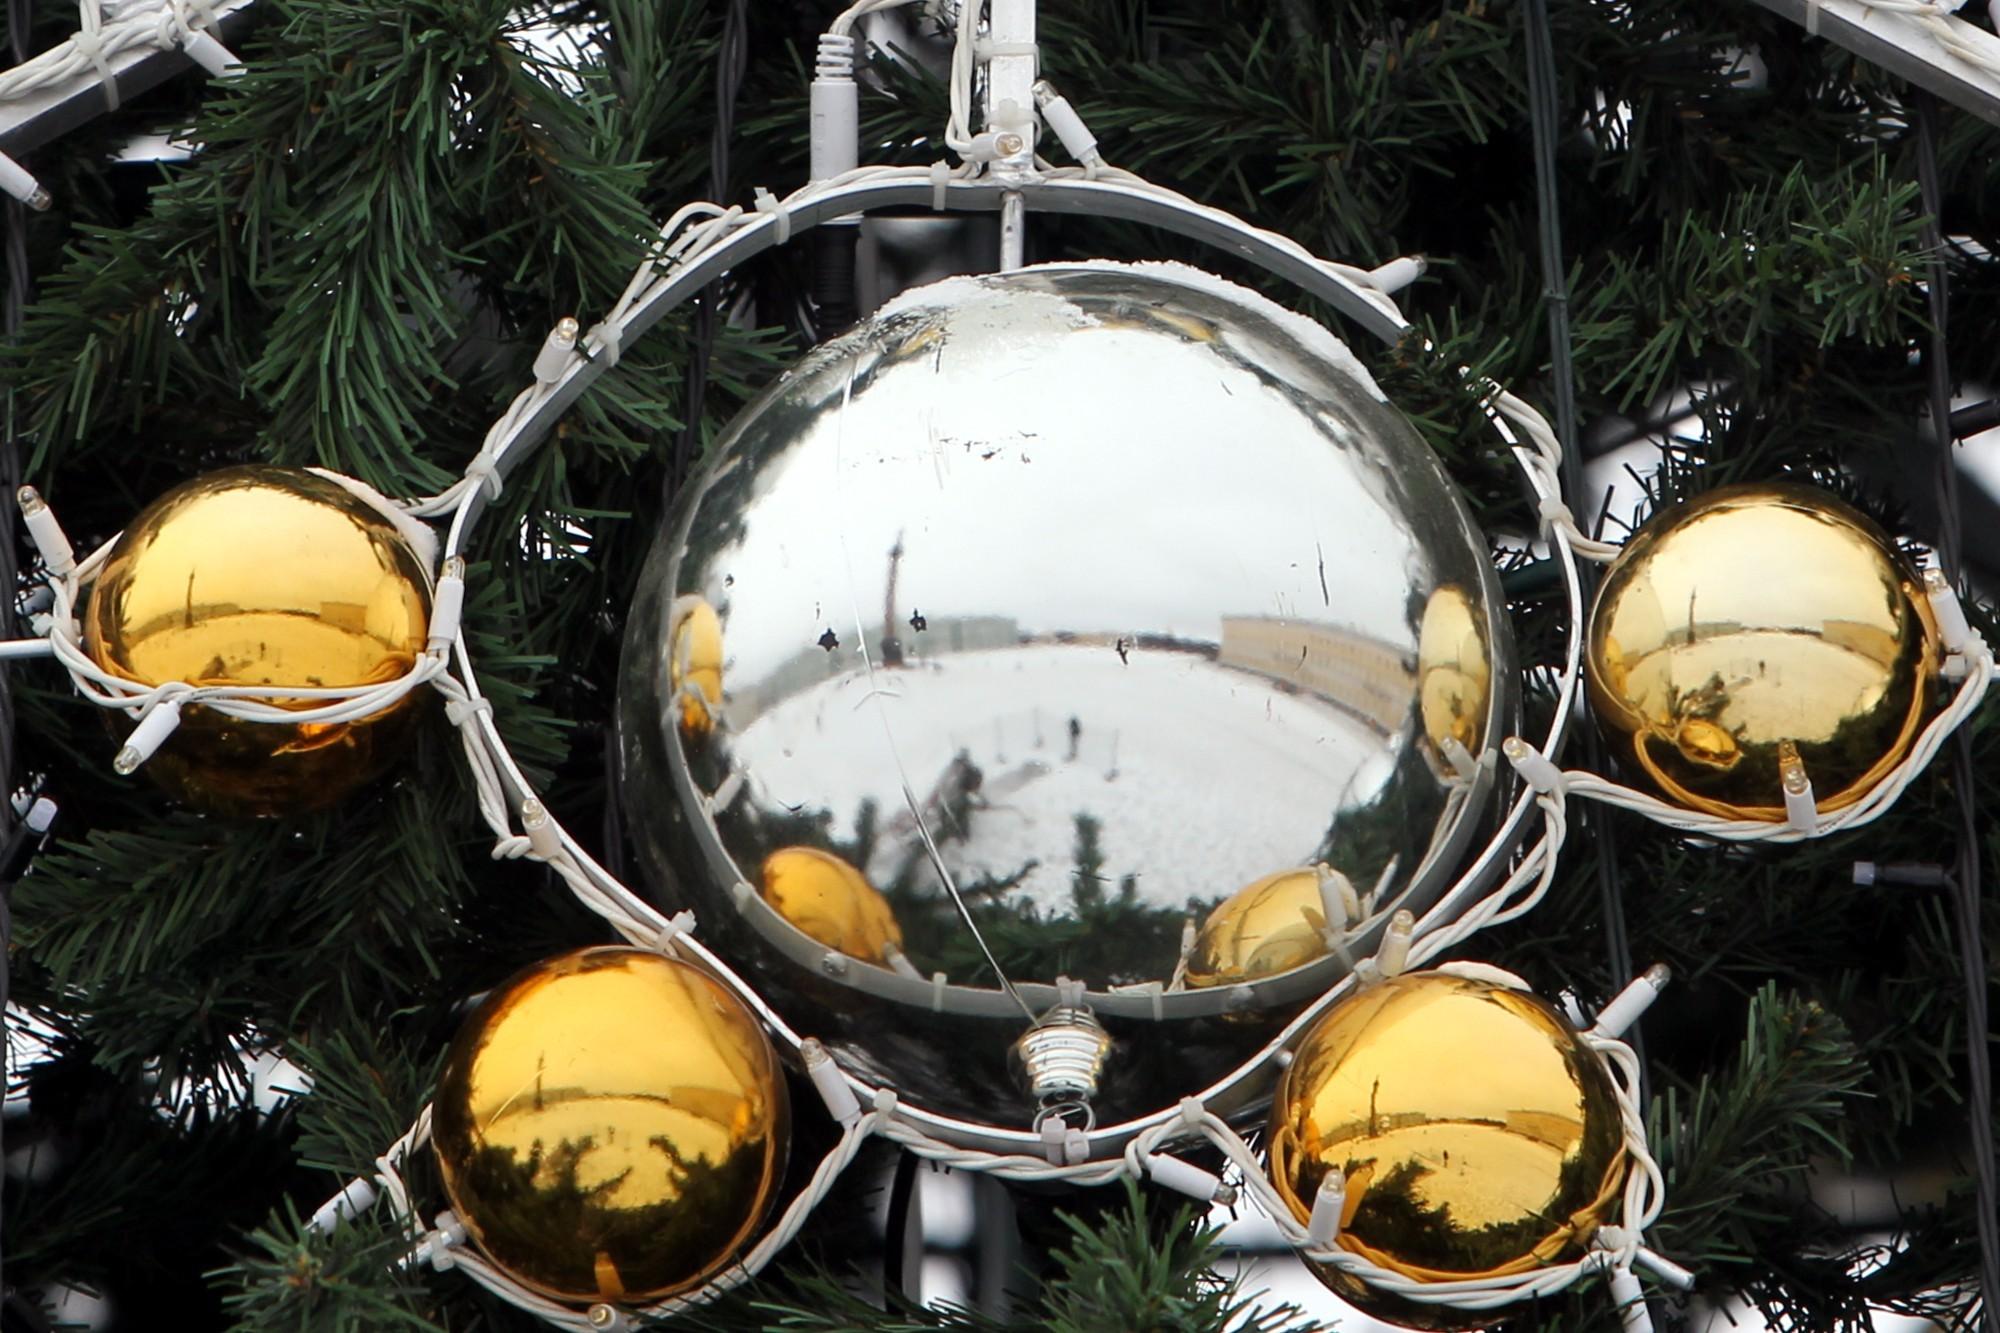 51-13.12.2016 - новогодняя ёлка на Дворцовой 2